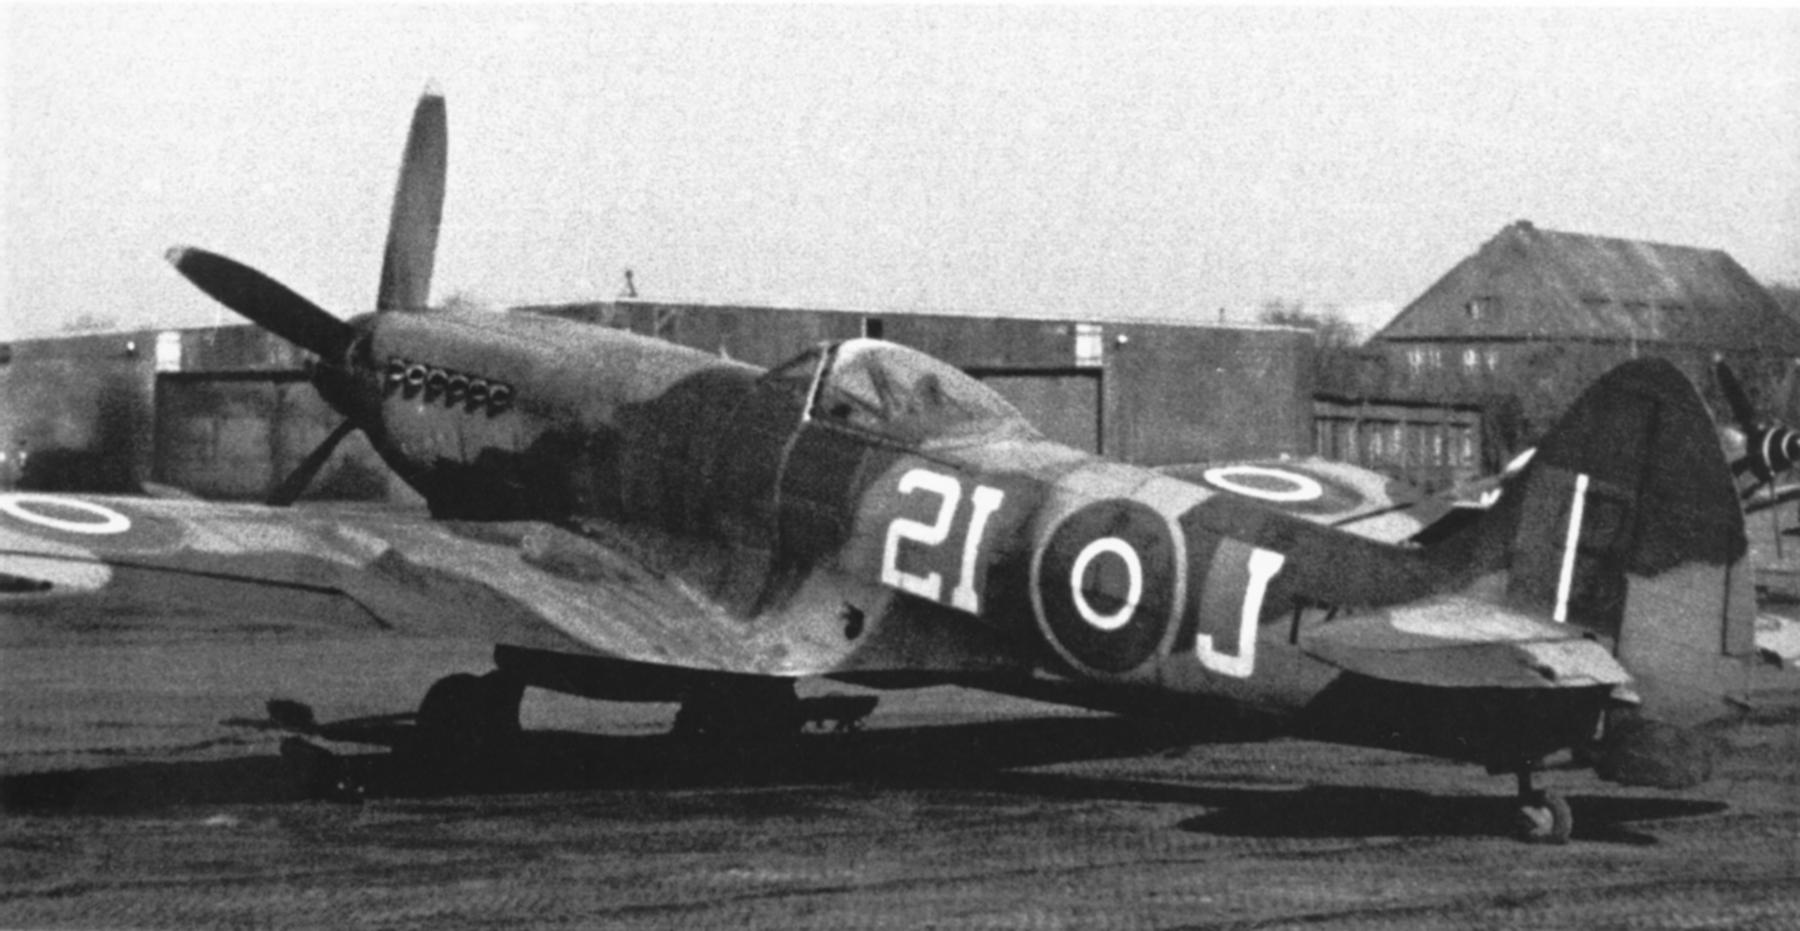 Spitfire XIV RCAF 443Sqn 2IJ 01